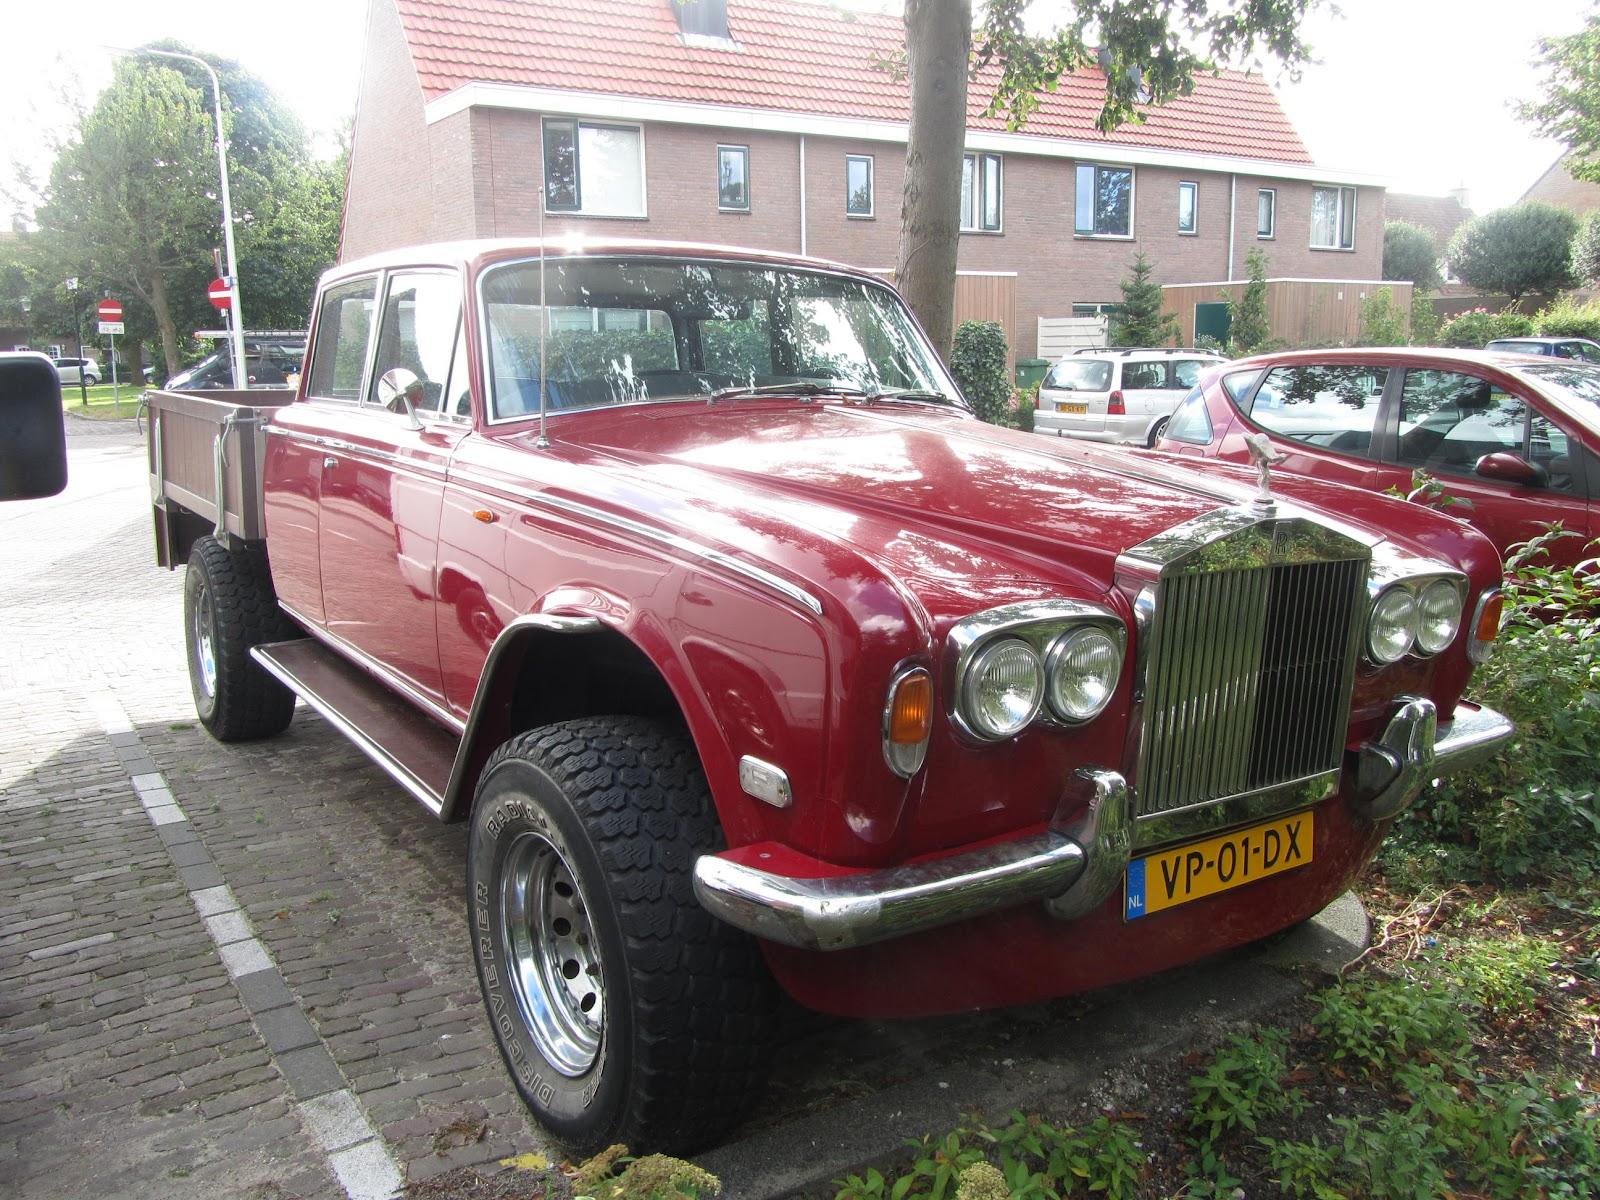 Elsőre ez is Rolls-Royce, de közel sem az, inkább egy luxusöltönybe bújtatott melós. A lemezek alatt ugyanis egy 1977-es Dodge W200 lapul.